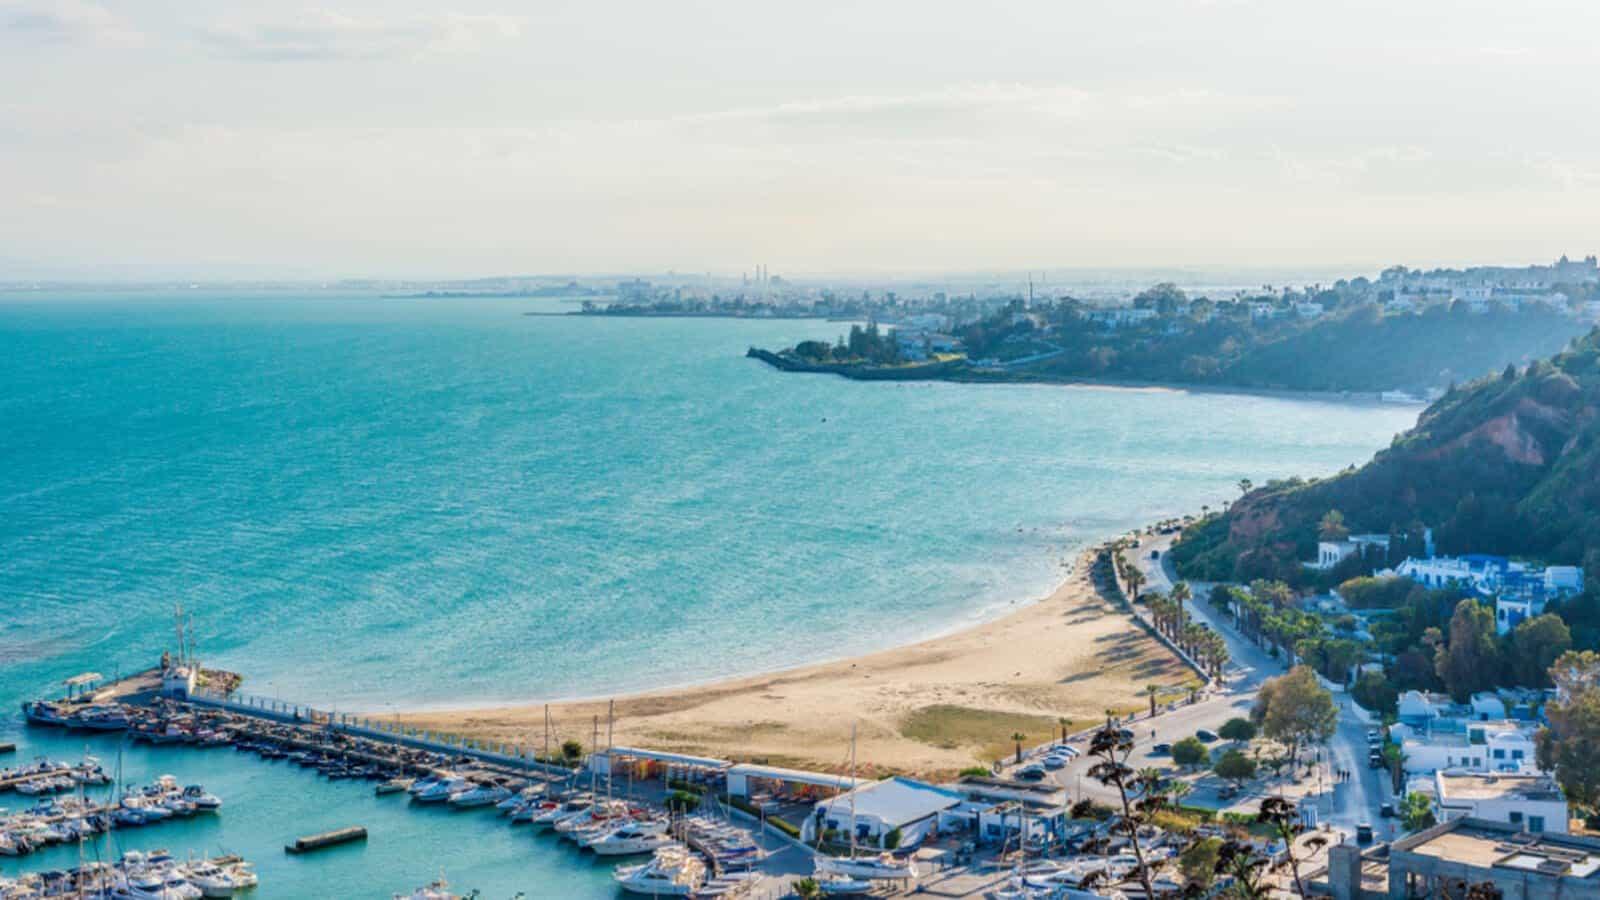 ما هي افضل الشهور لزيارة تونس؟